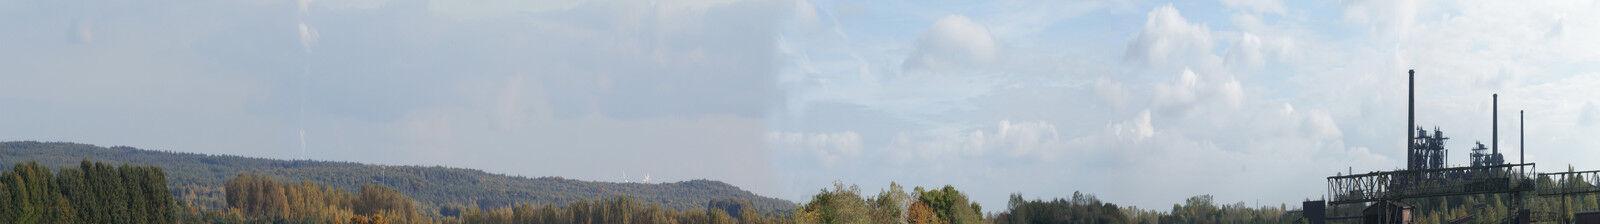 Modello ferroviario paesaggio sfondo 500 x 70 CM NUOVO